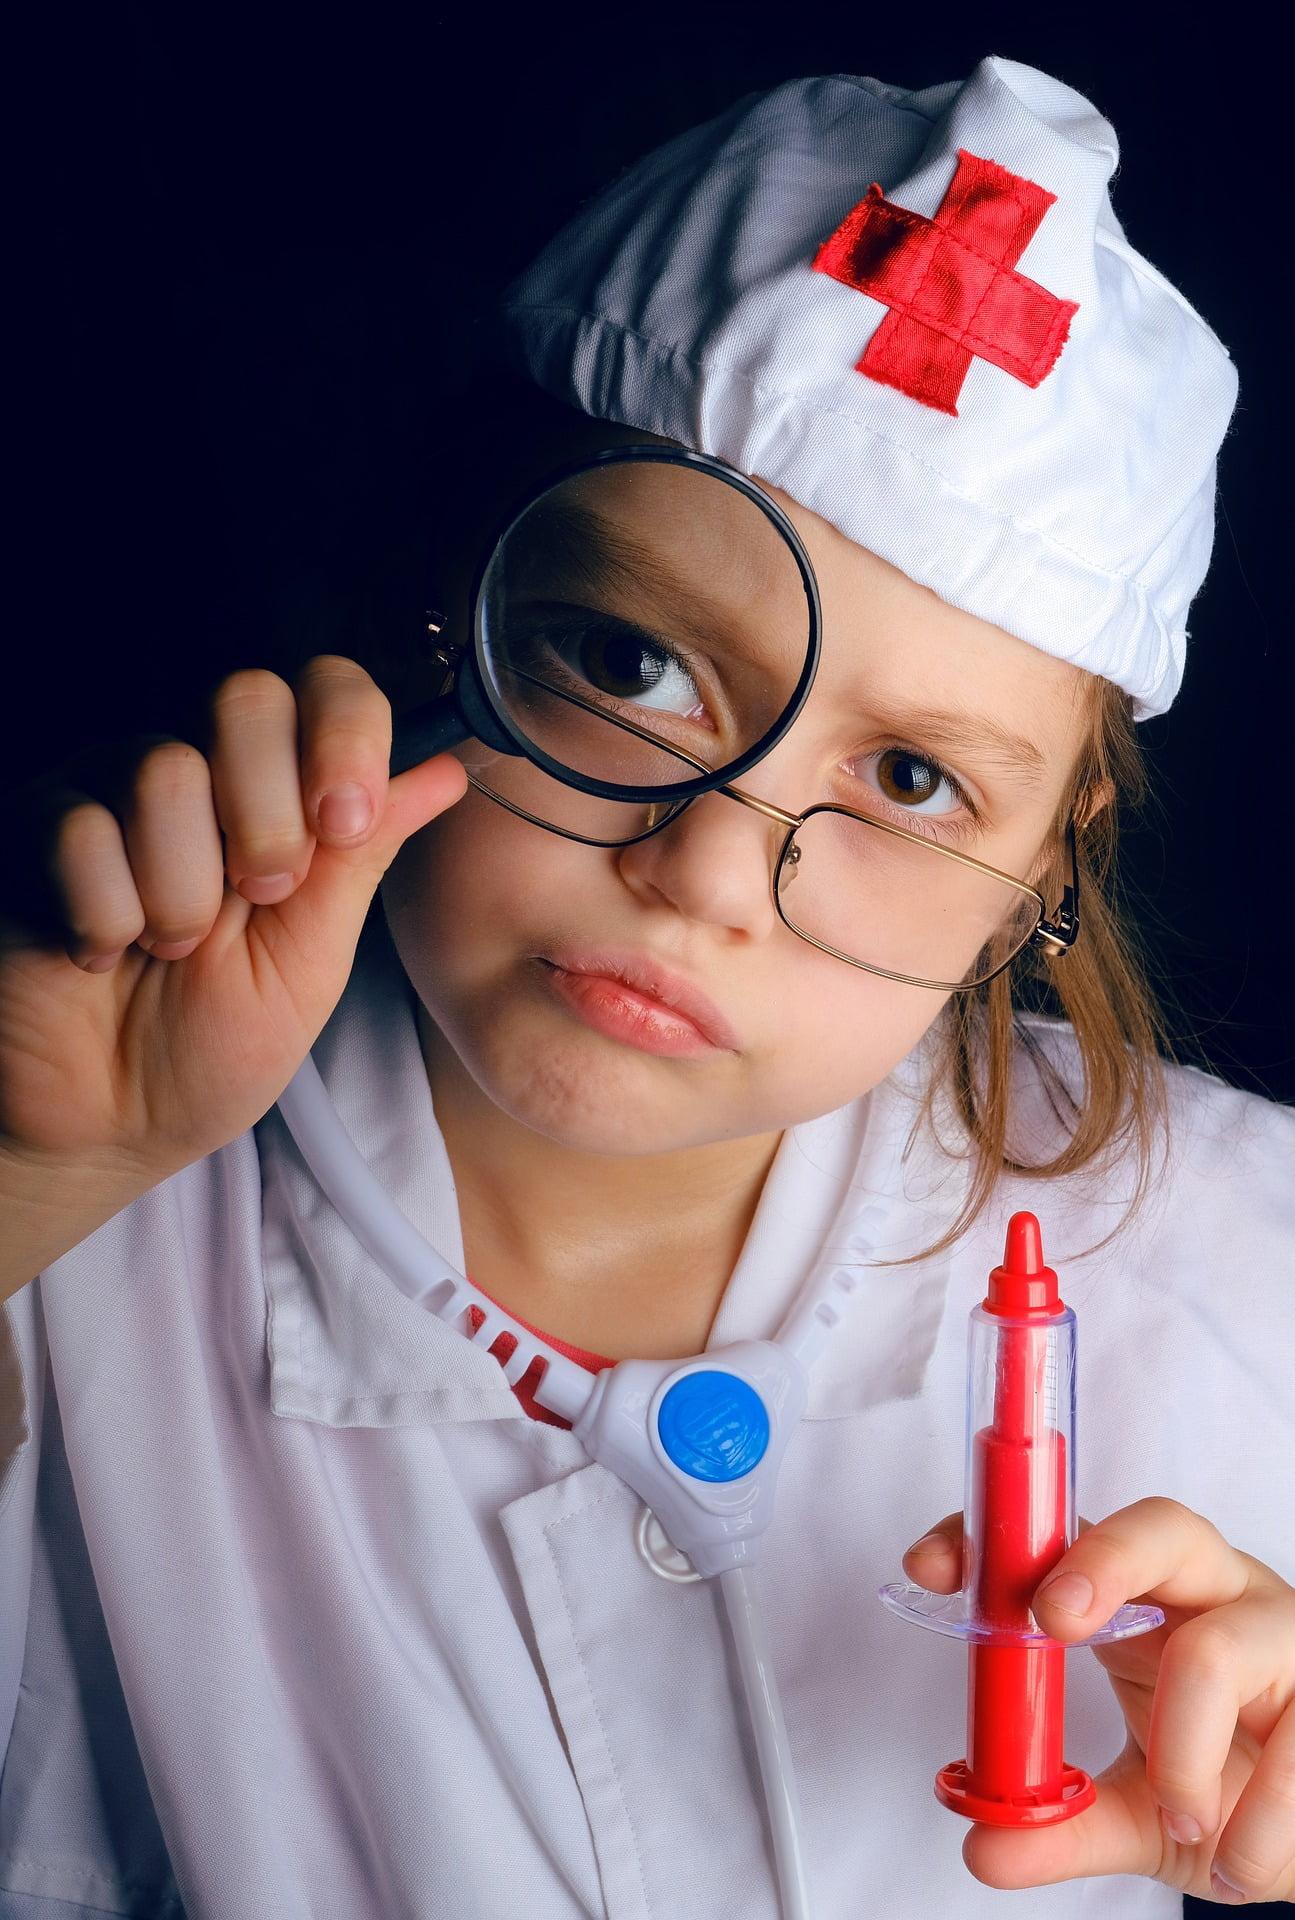 cum pregătești un copil pentru injecție